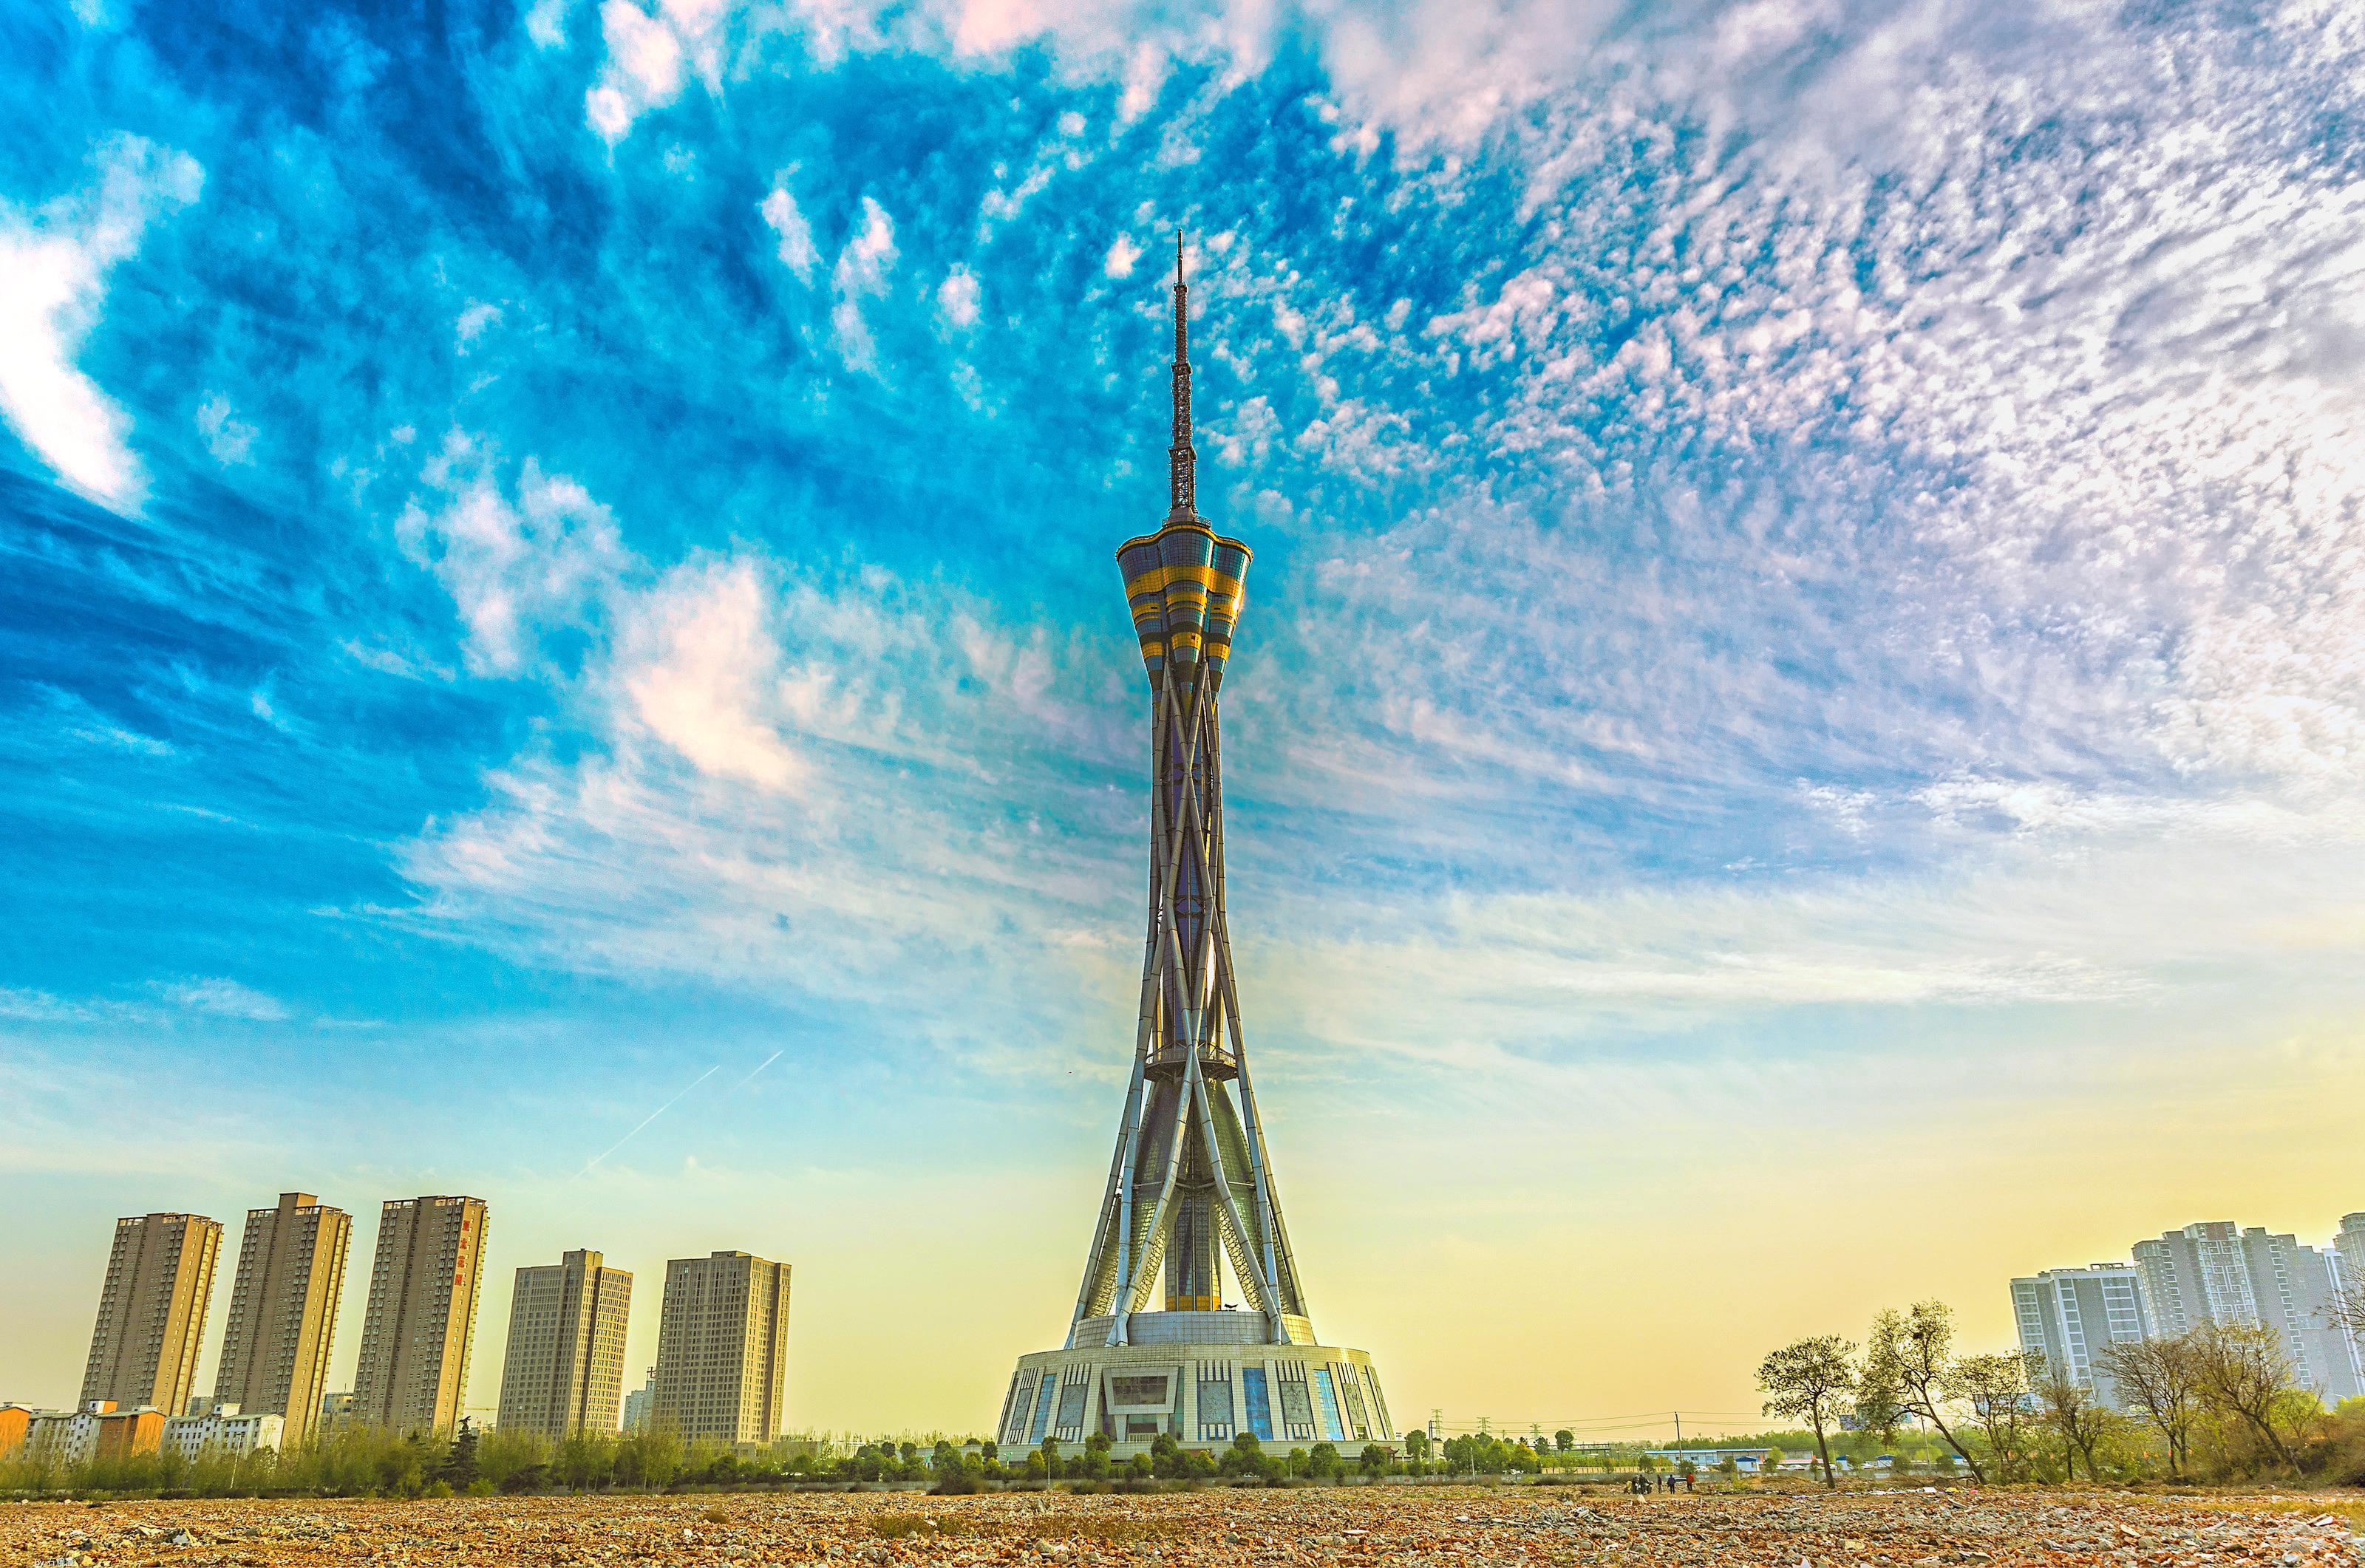 Zhongyuan Tower